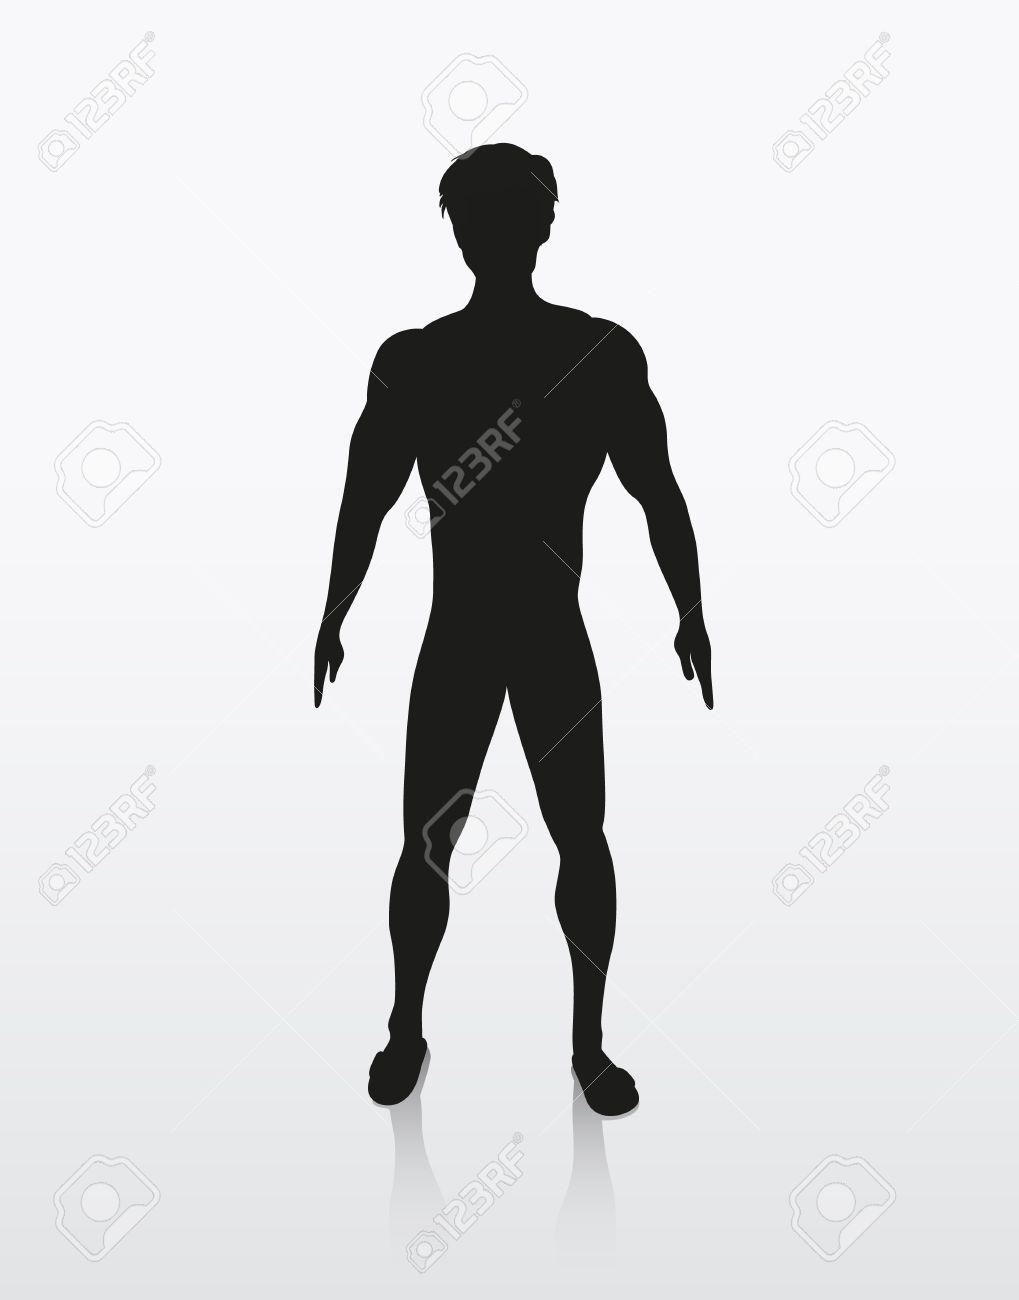 人間の体のシルエット イラスト ロイヤリティフリークリップアート